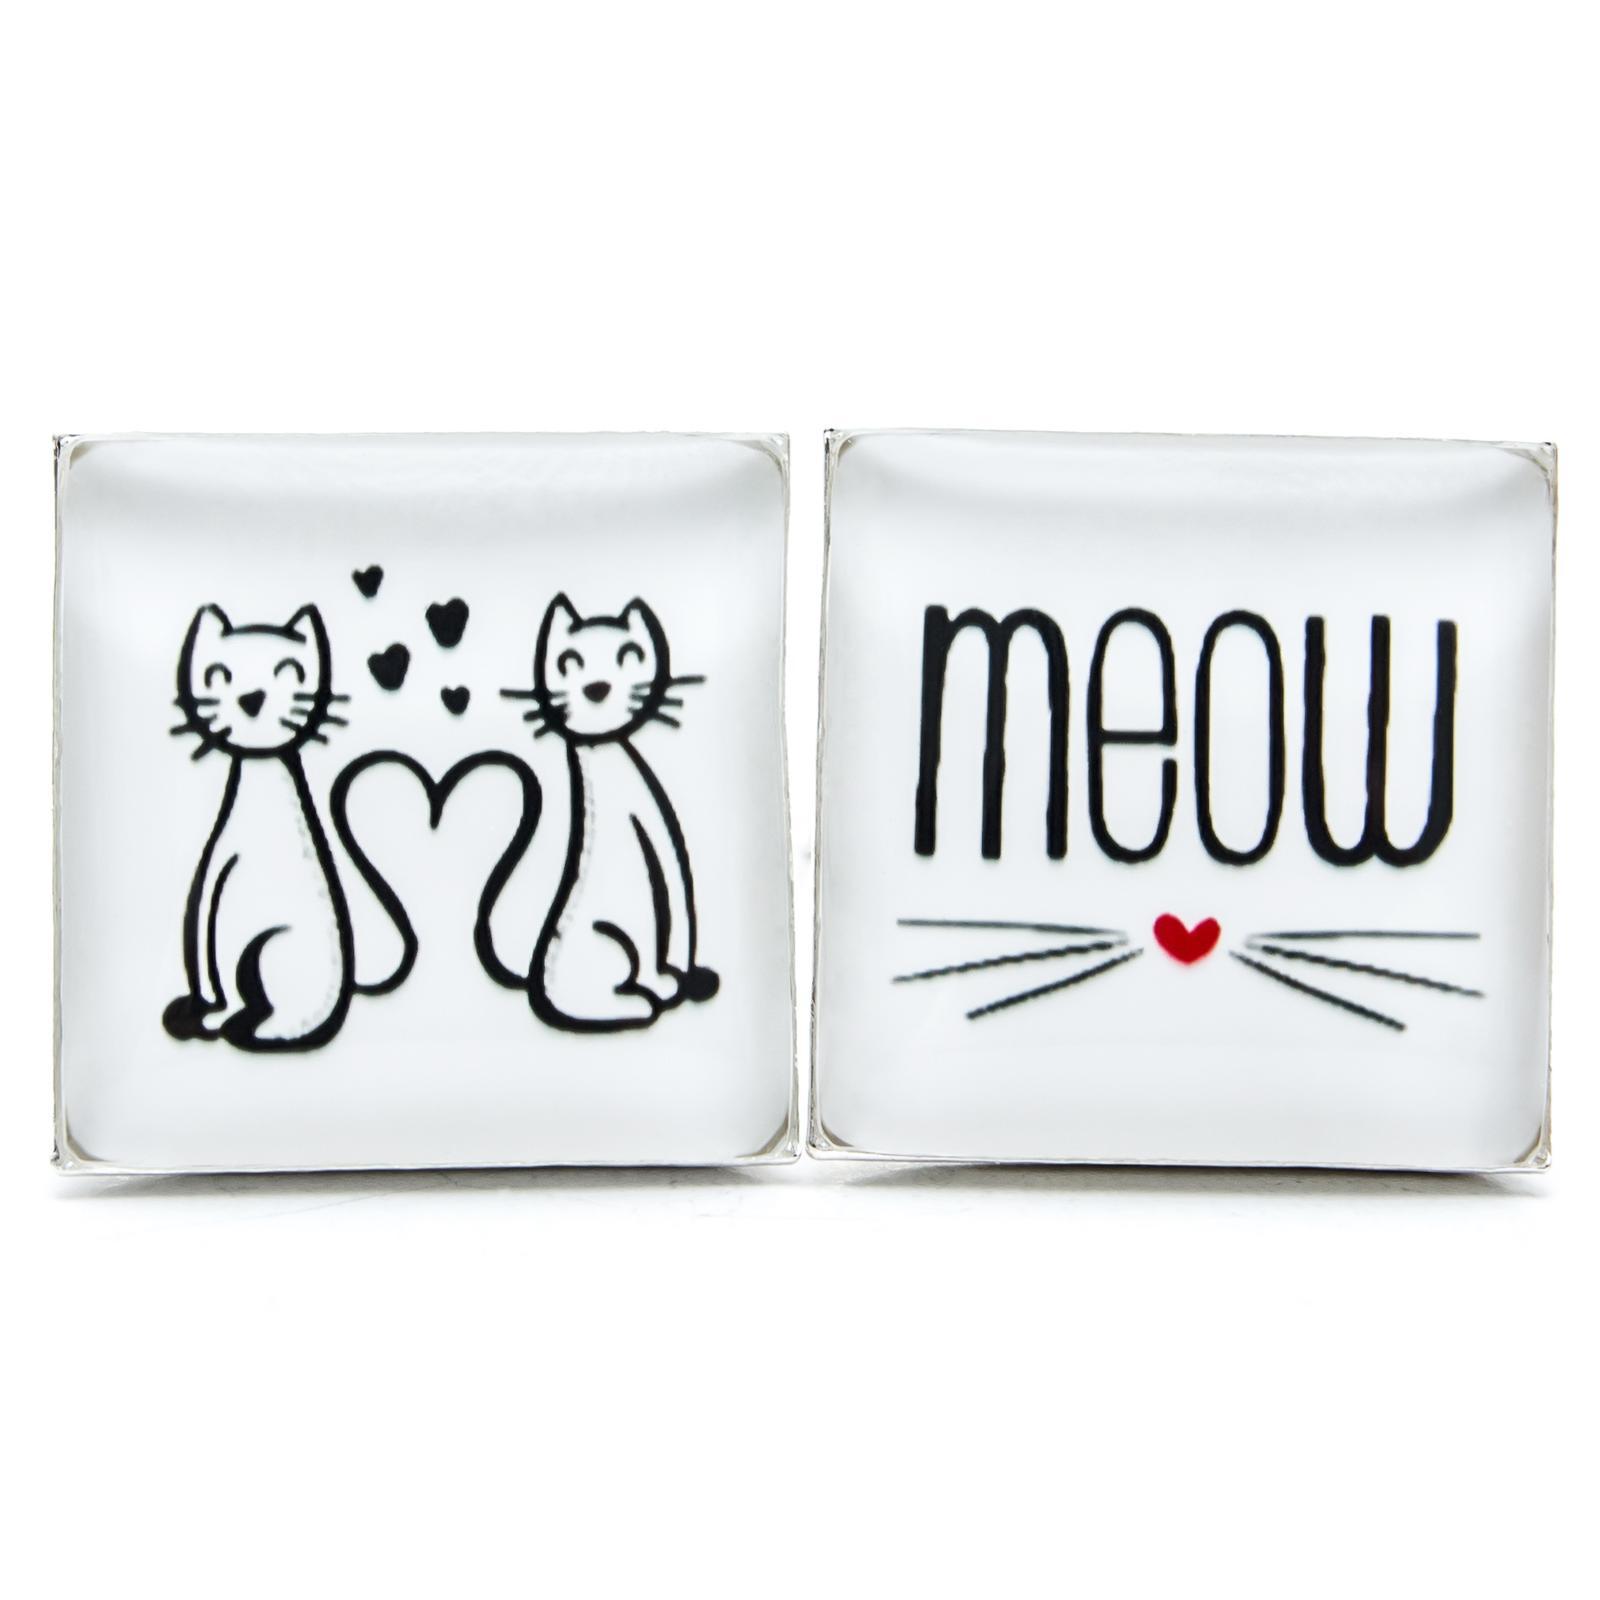 ♥  Manžetové gombíky na mieru - presne podľa Tvojich predstáv ♥ - Mačičky MEOW